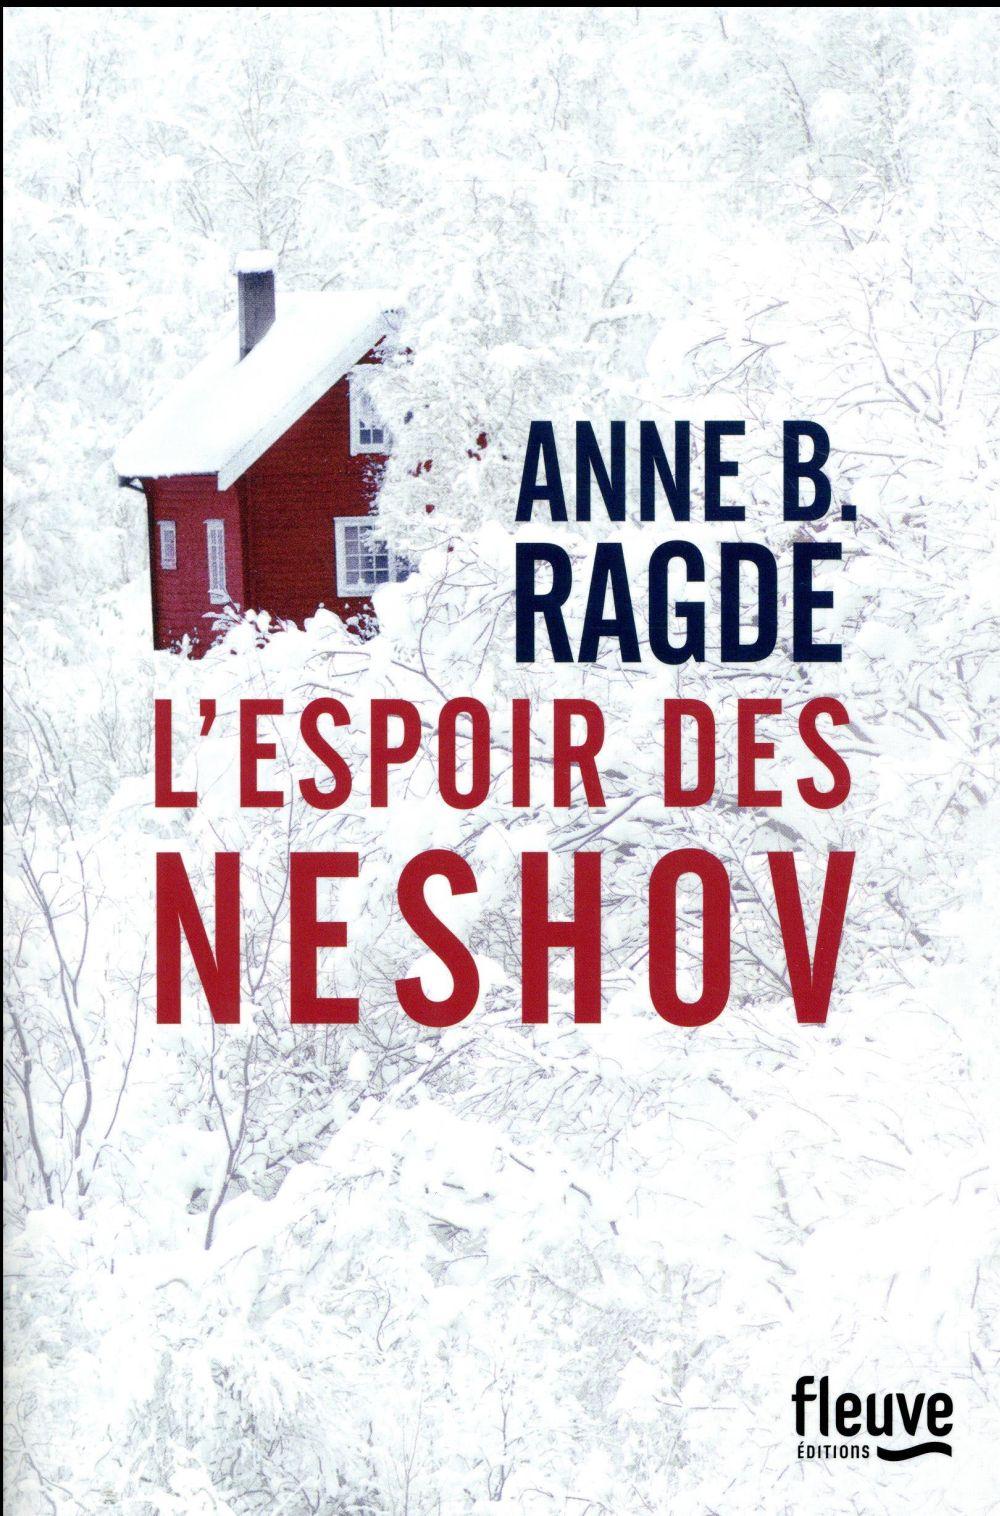 L-ESPOIR DES NESHOV RAGDE ANNE B. FLEUVE NOIR